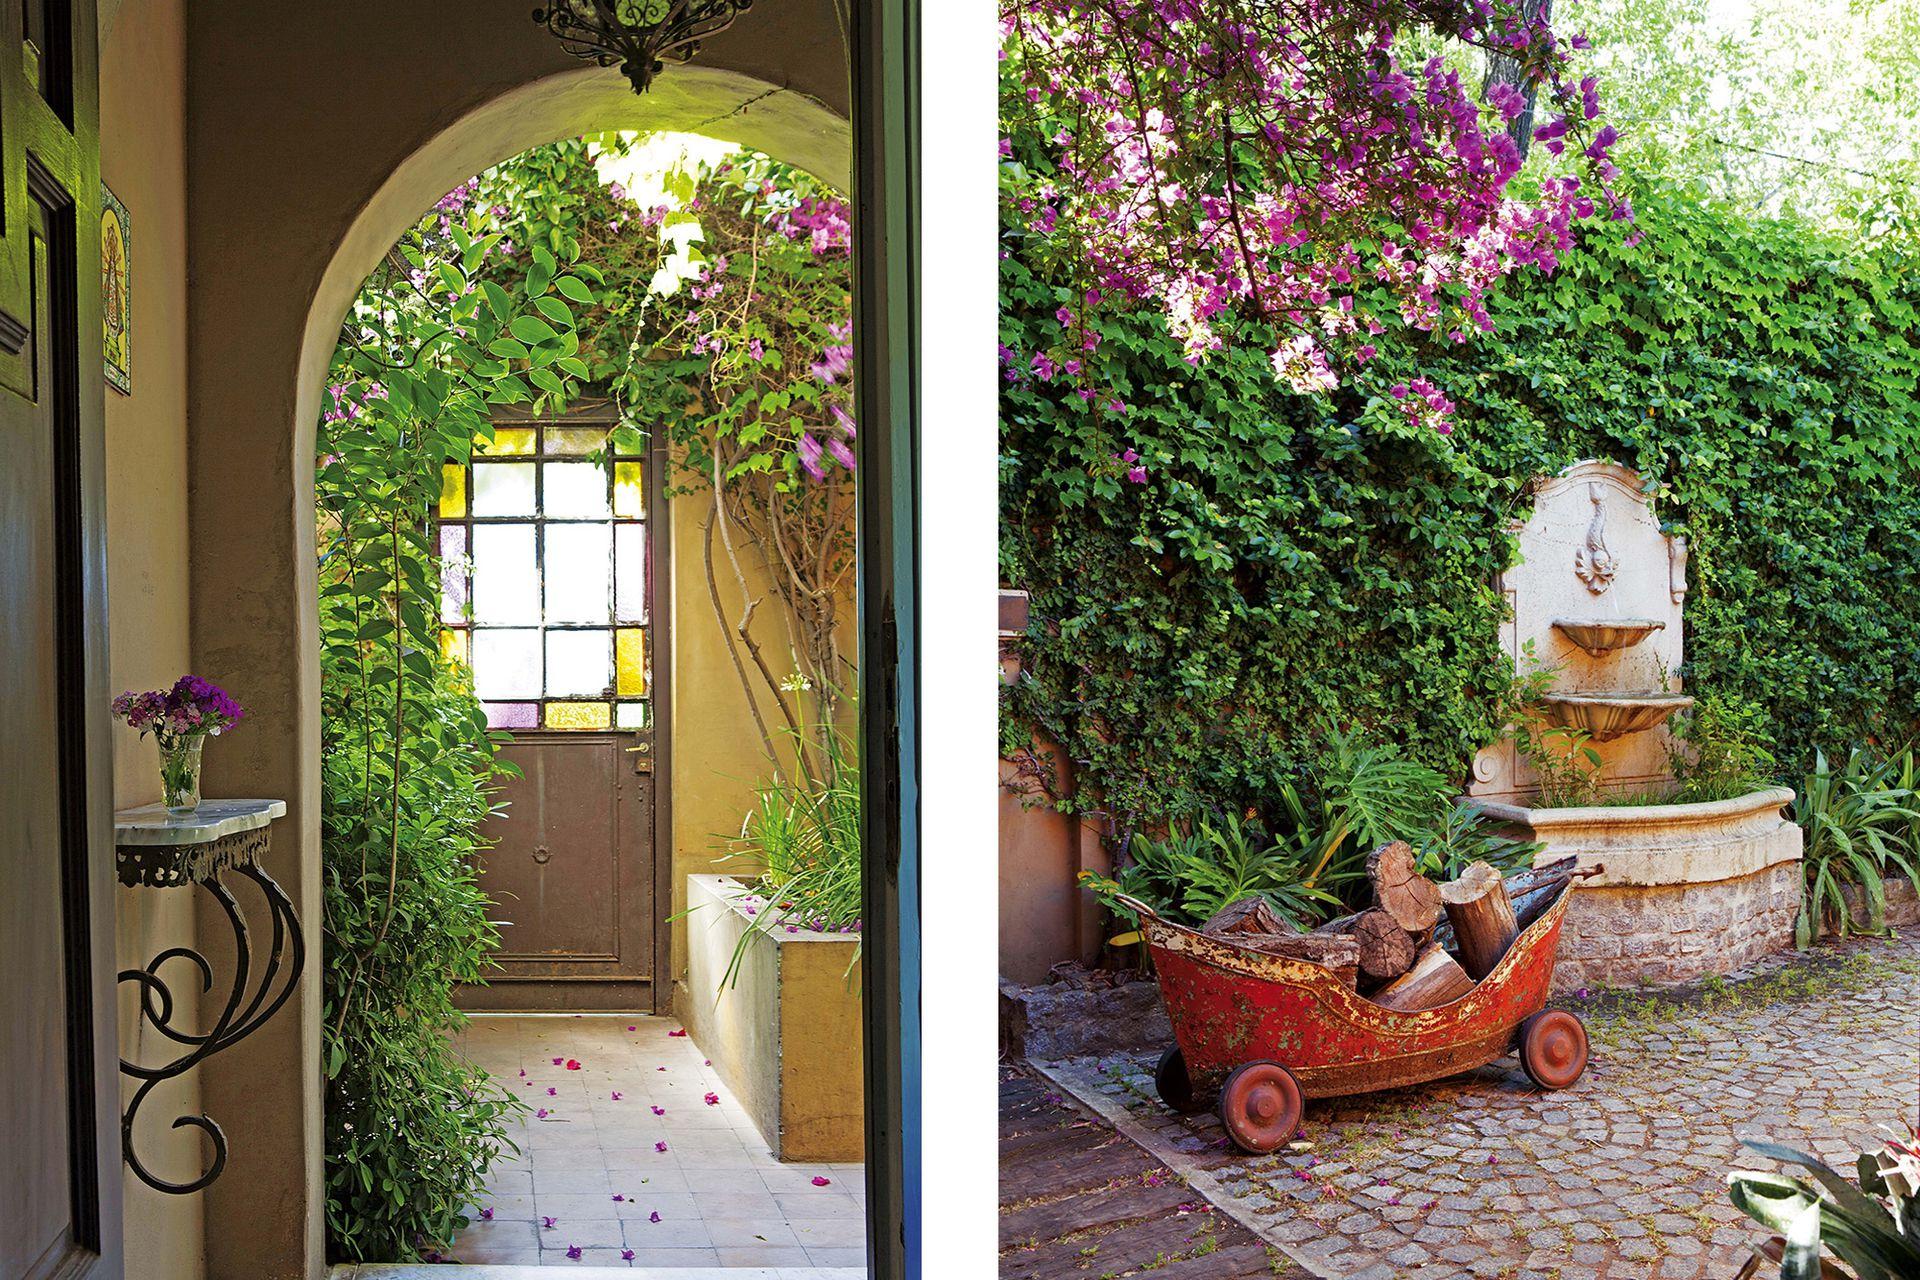 La romántica entrada desde la calle. En el camino se hizo una fuente que evoca un viejo jardín.